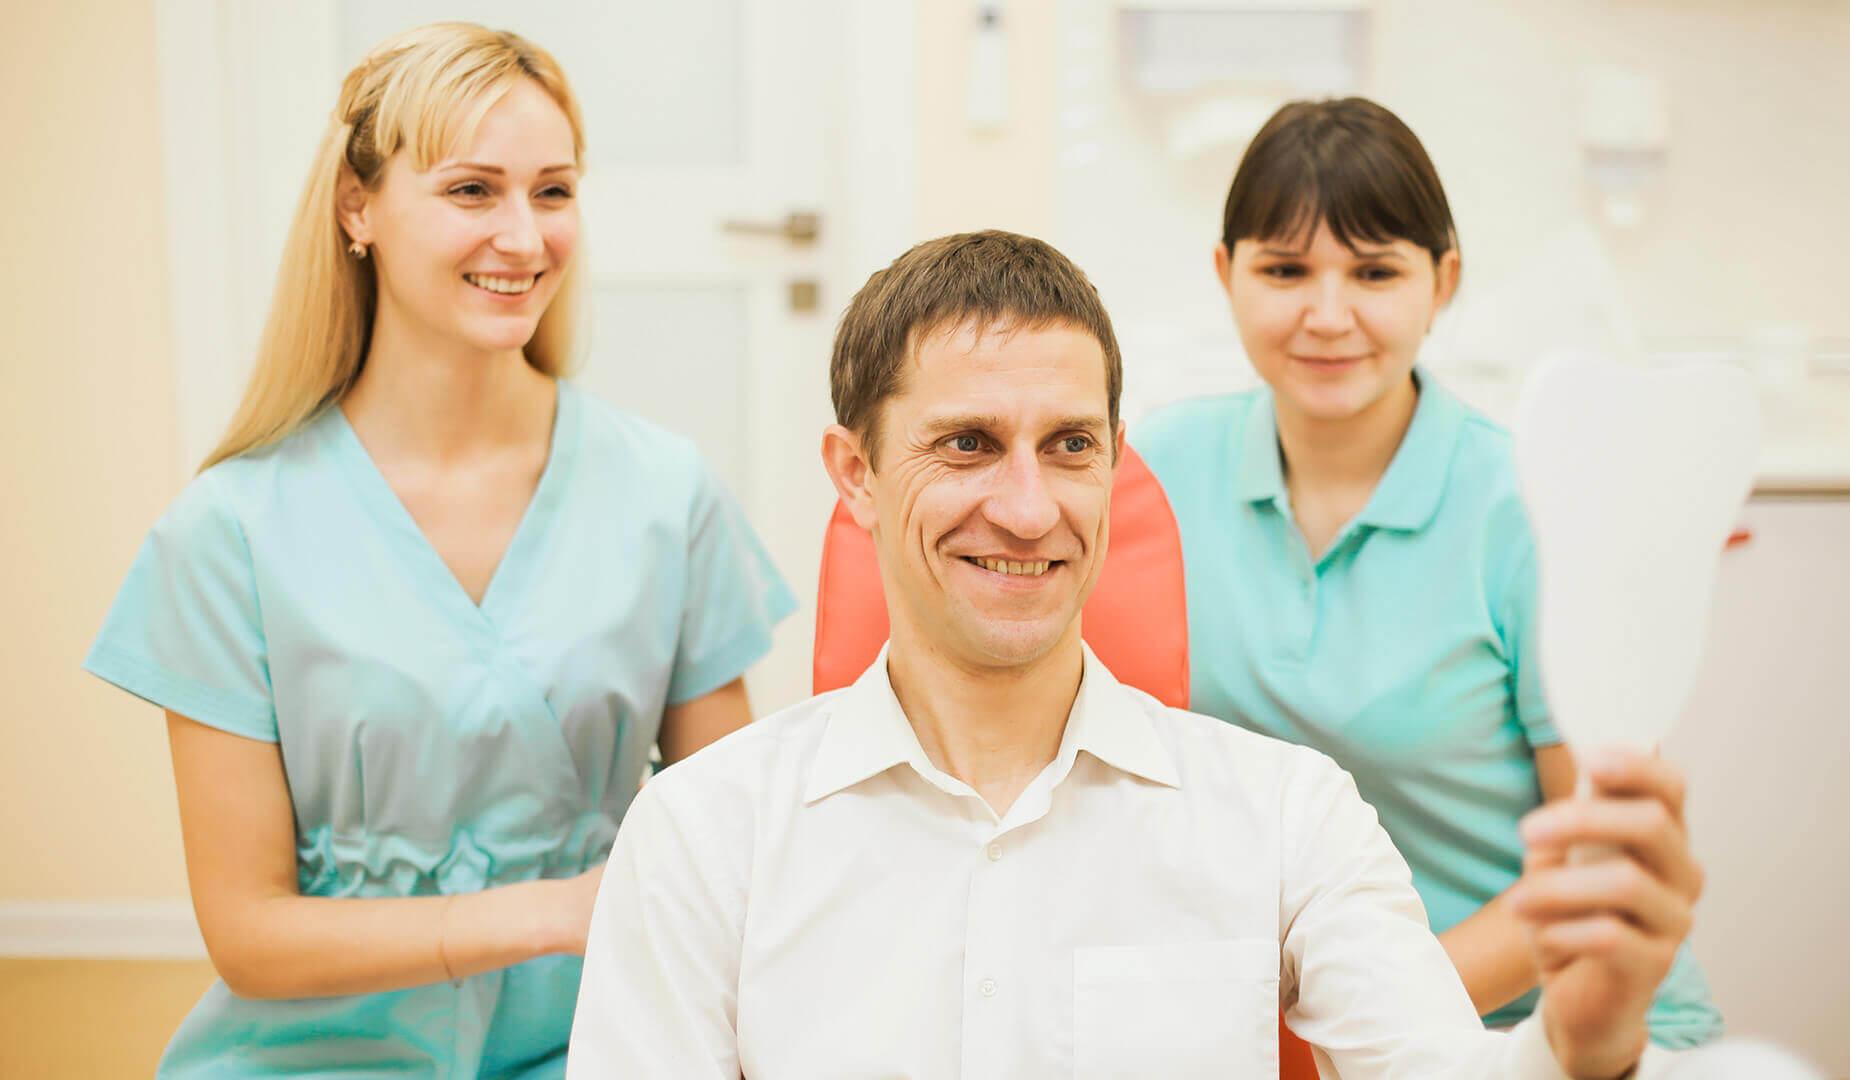 Пациент рад своей здоровой улыбке